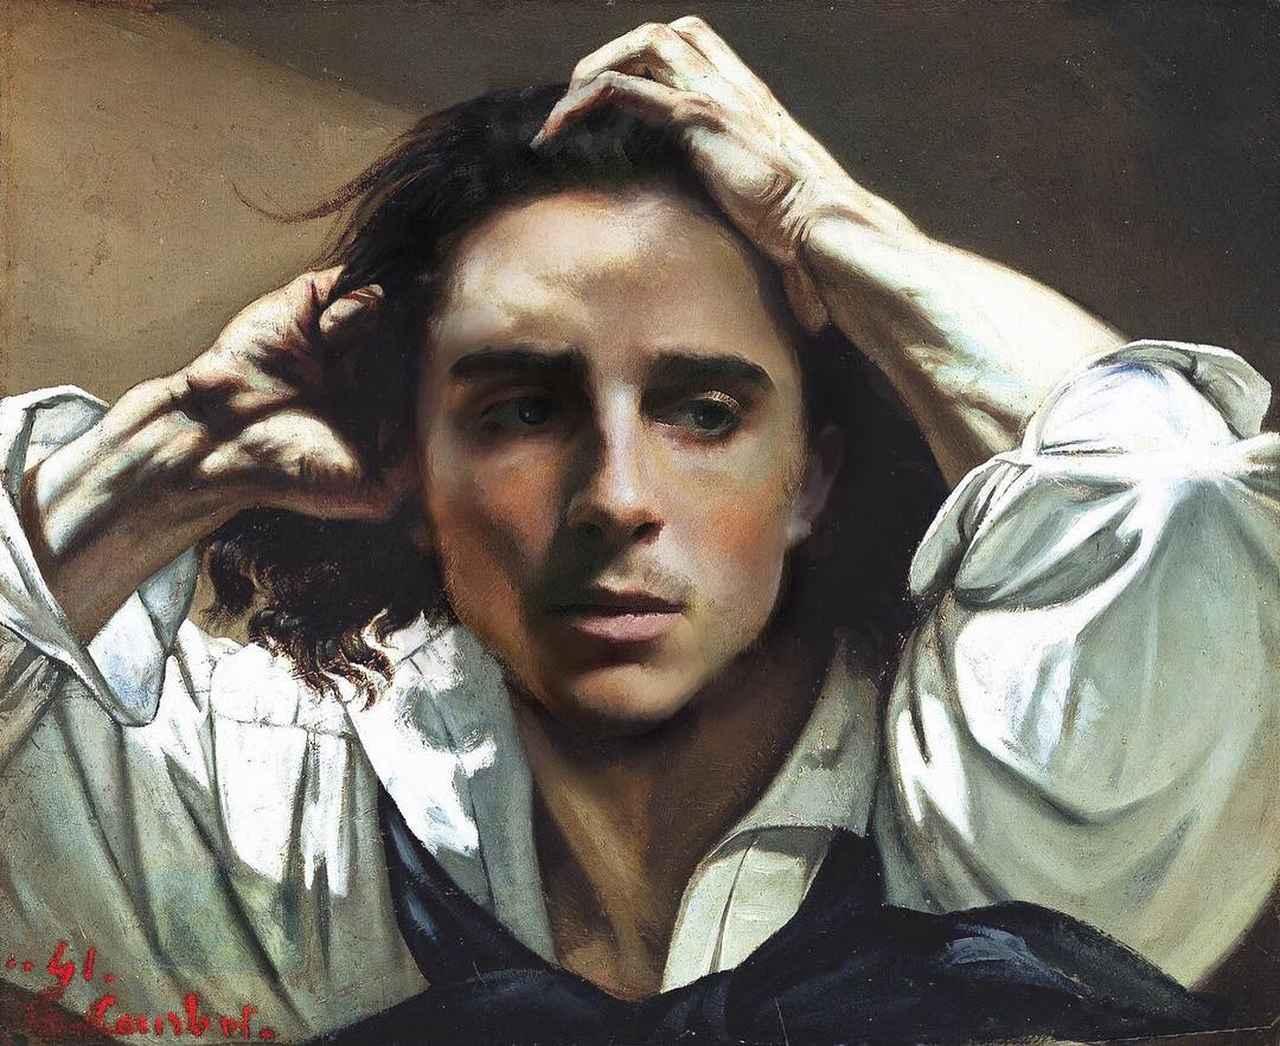 画像1: badly photoshopped timmyさんはInstagramを利用しています:「The Desperate Man, 1844-1845 by Gustave Courbet #timotheechalamet #chalametinart」 www.instagram.com